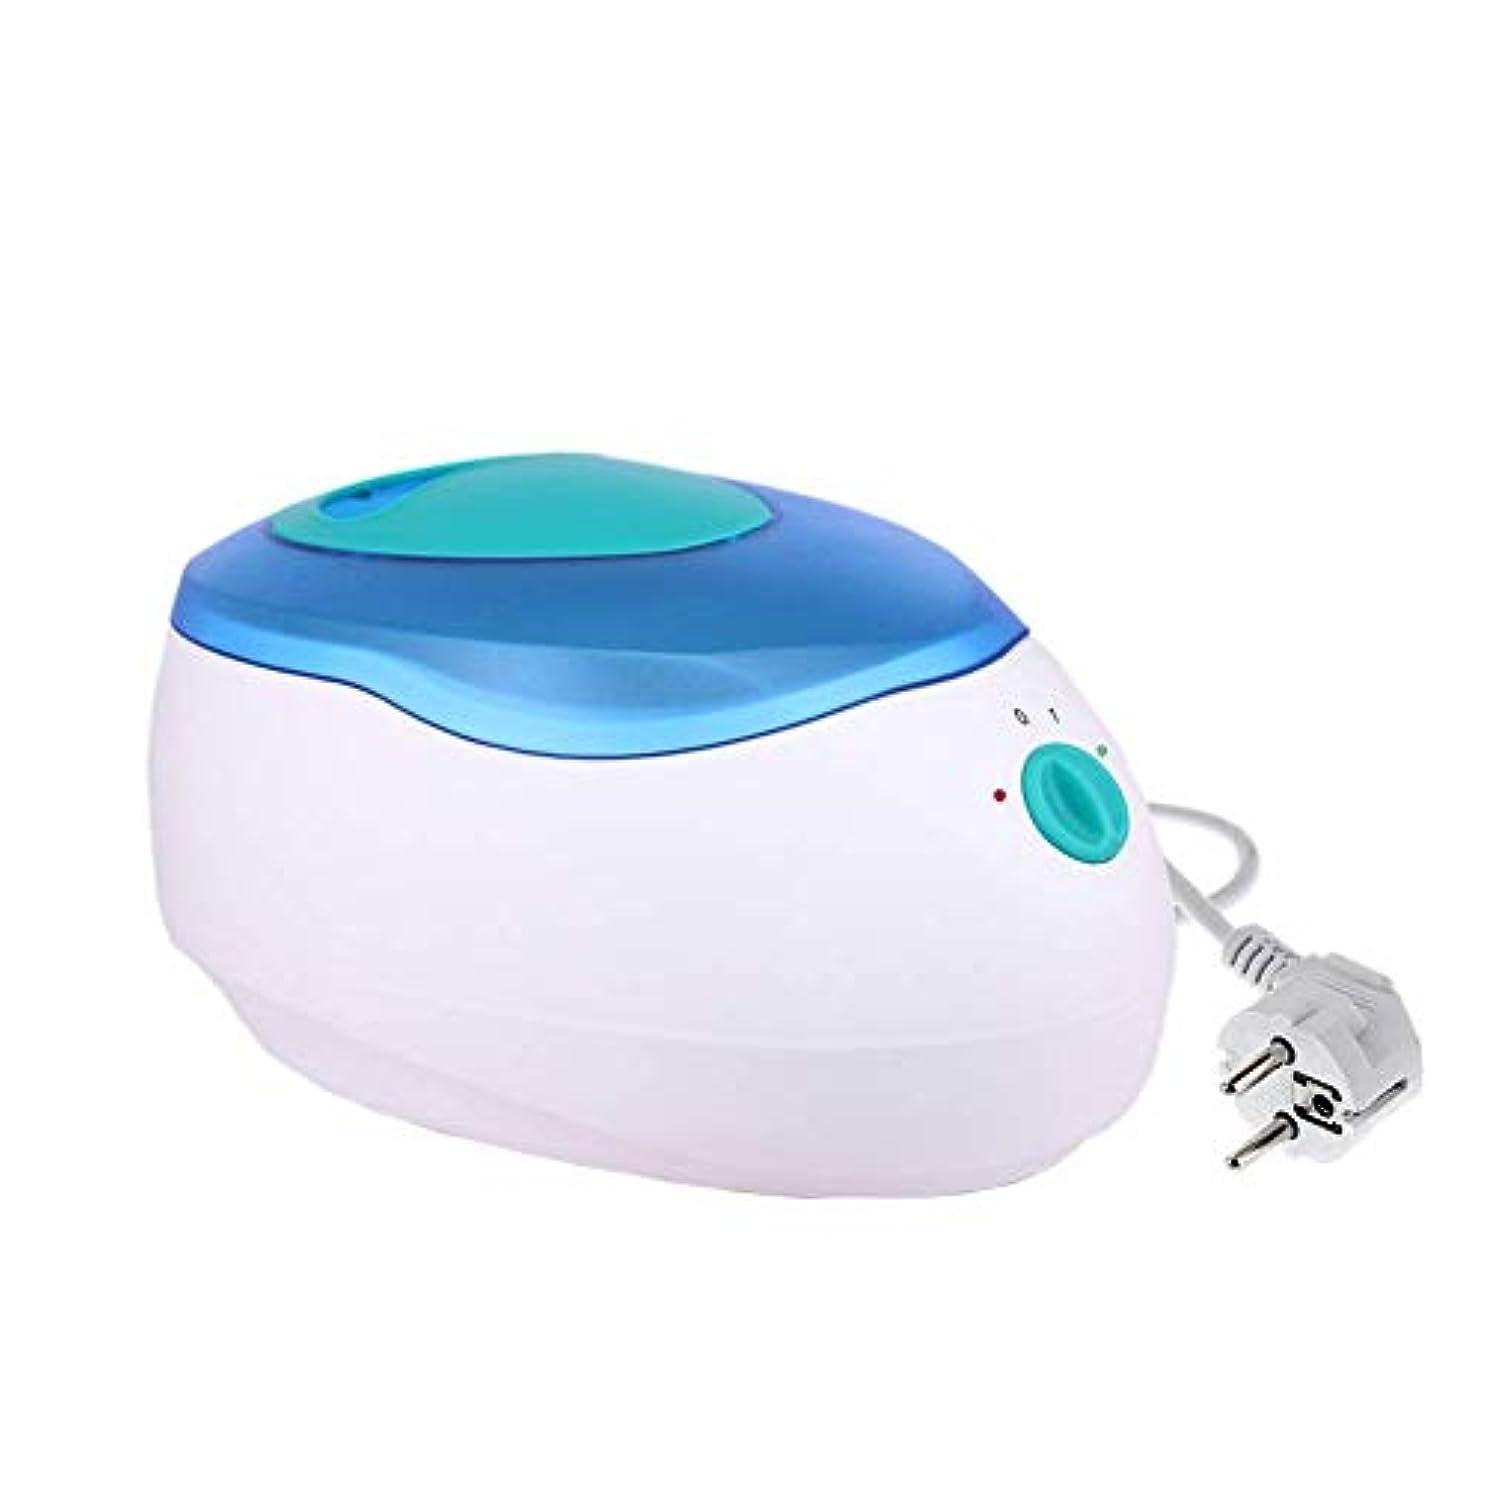 ジレンマ奨学金エゴイズムすべてのワックスタイプのための専門の電気ワックスヒーター、ワックスメルター可変温度とウォーマーと内蔵サーモ安全制御脱毛脱毛のために (Color : Blue)